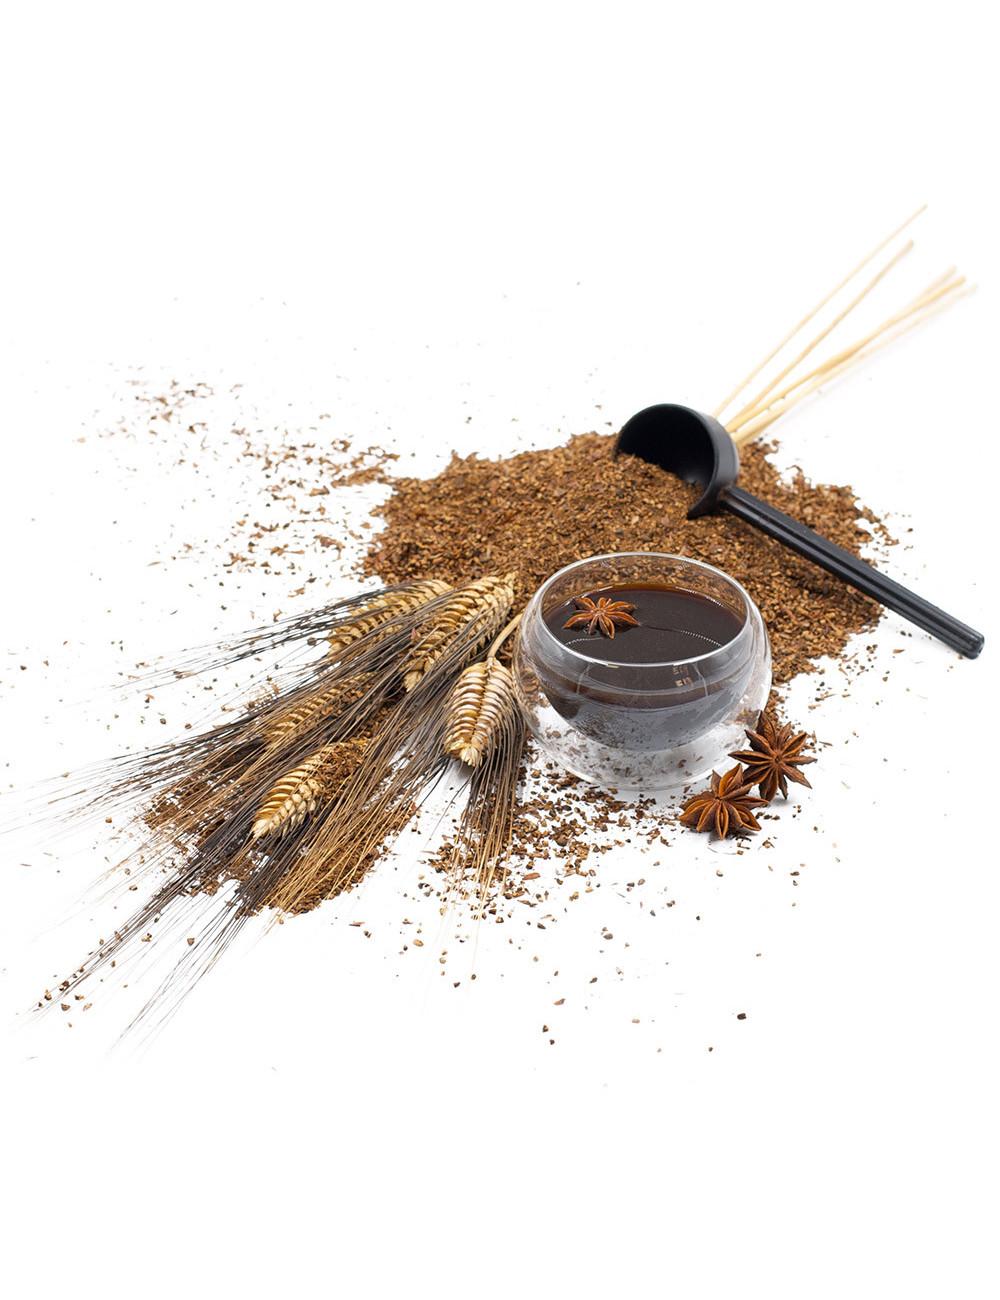 Orzo all'Anice aromatizzato - La Pianta del Tè shop online